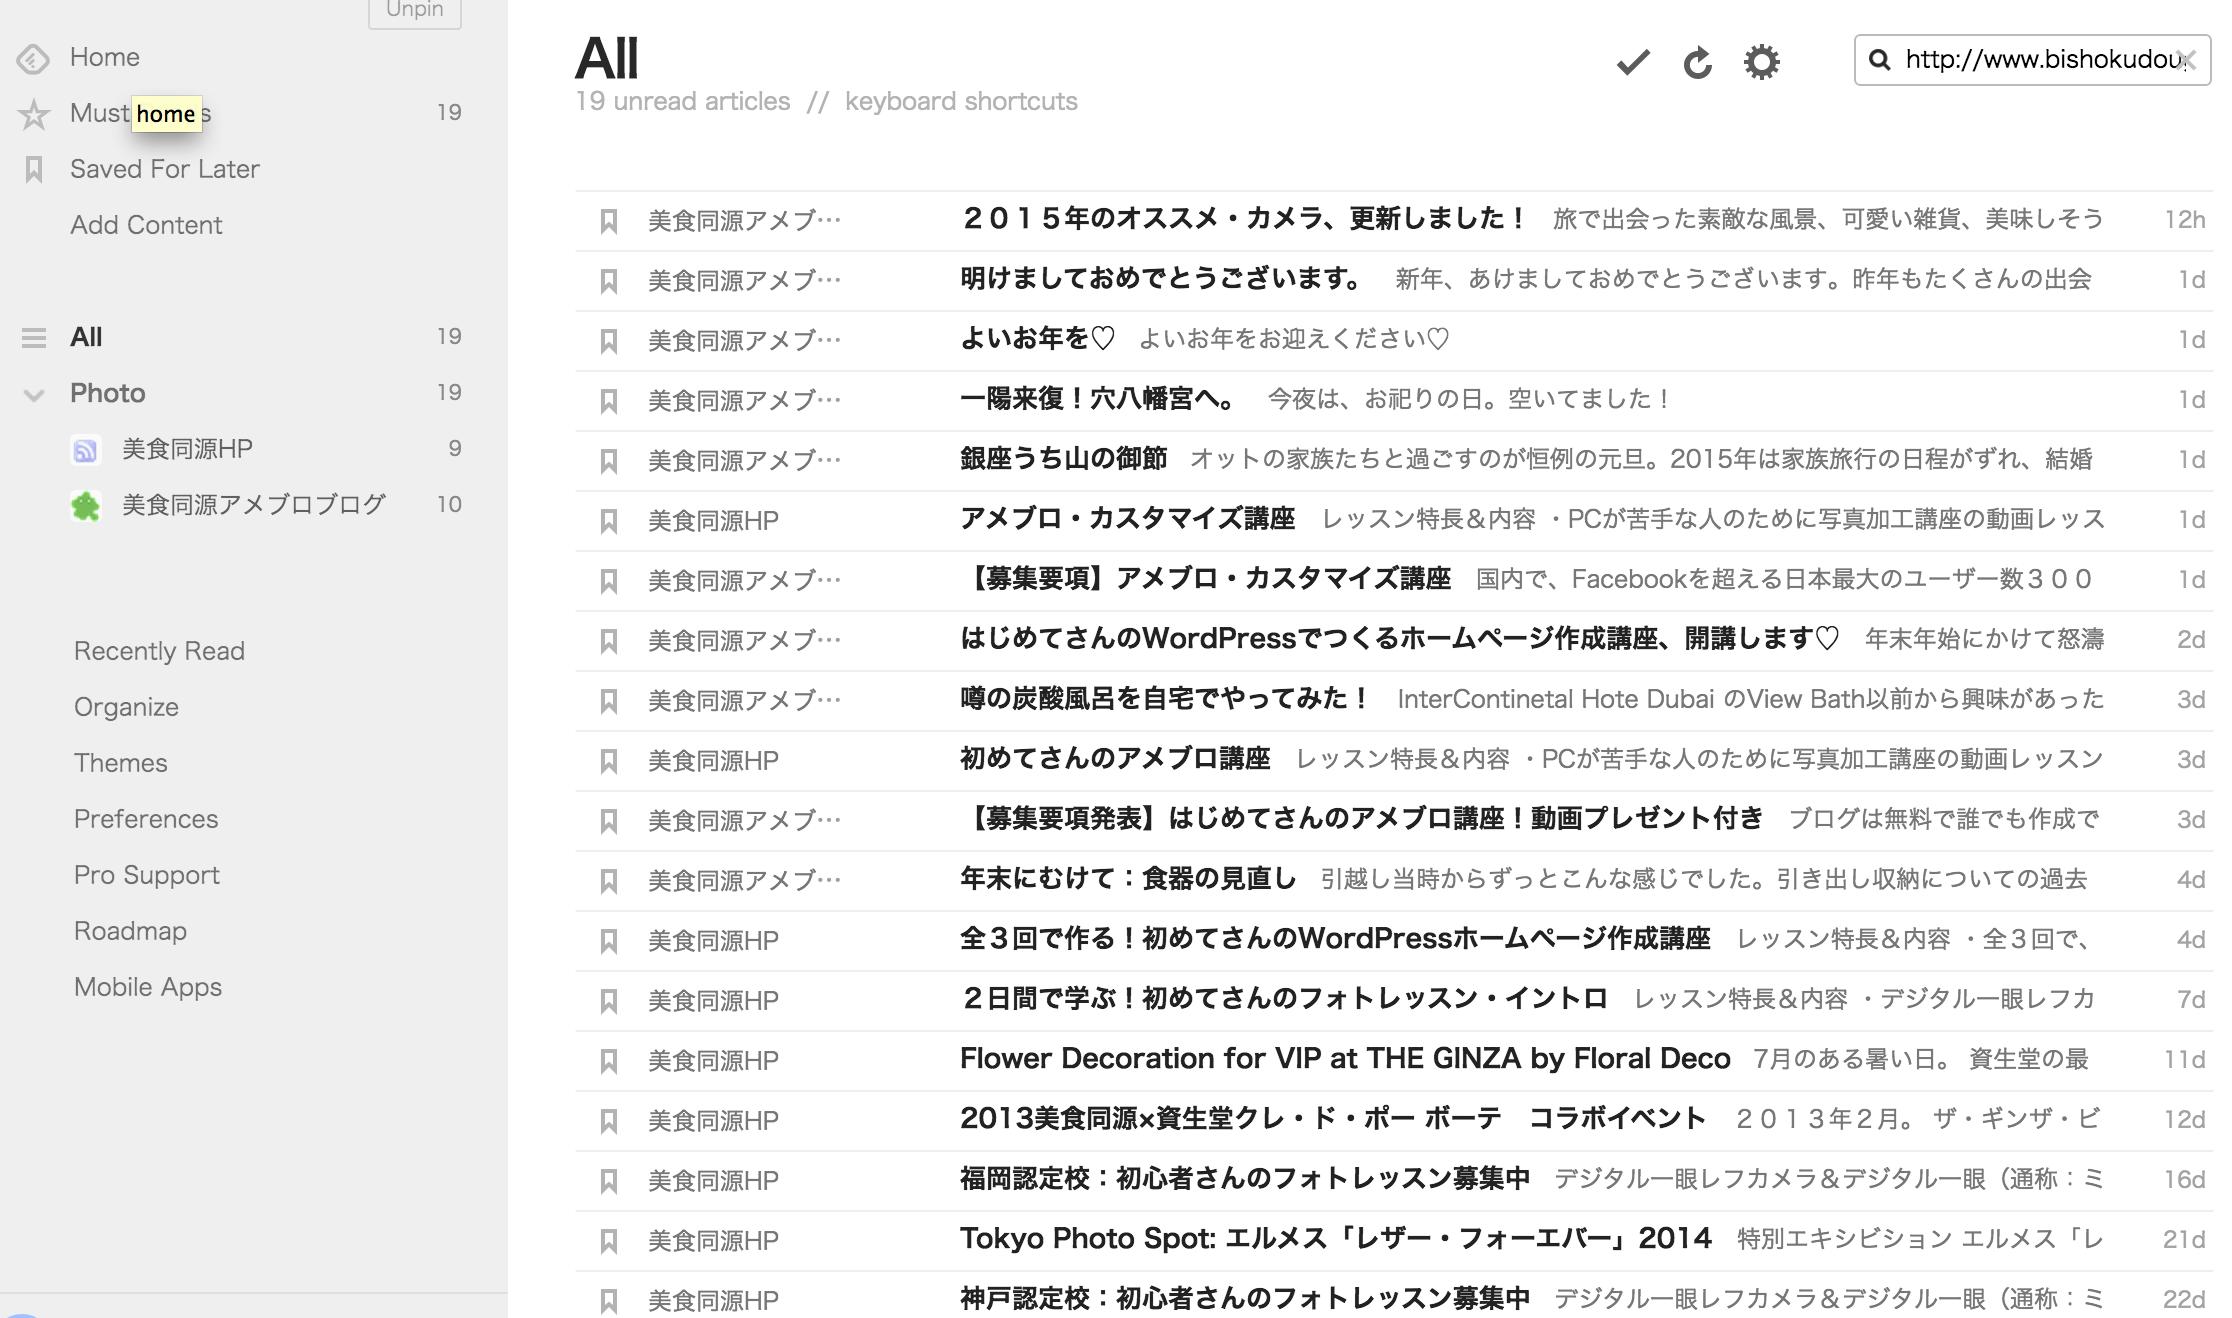 スクリーンショット 2015-01-02 11.59.42